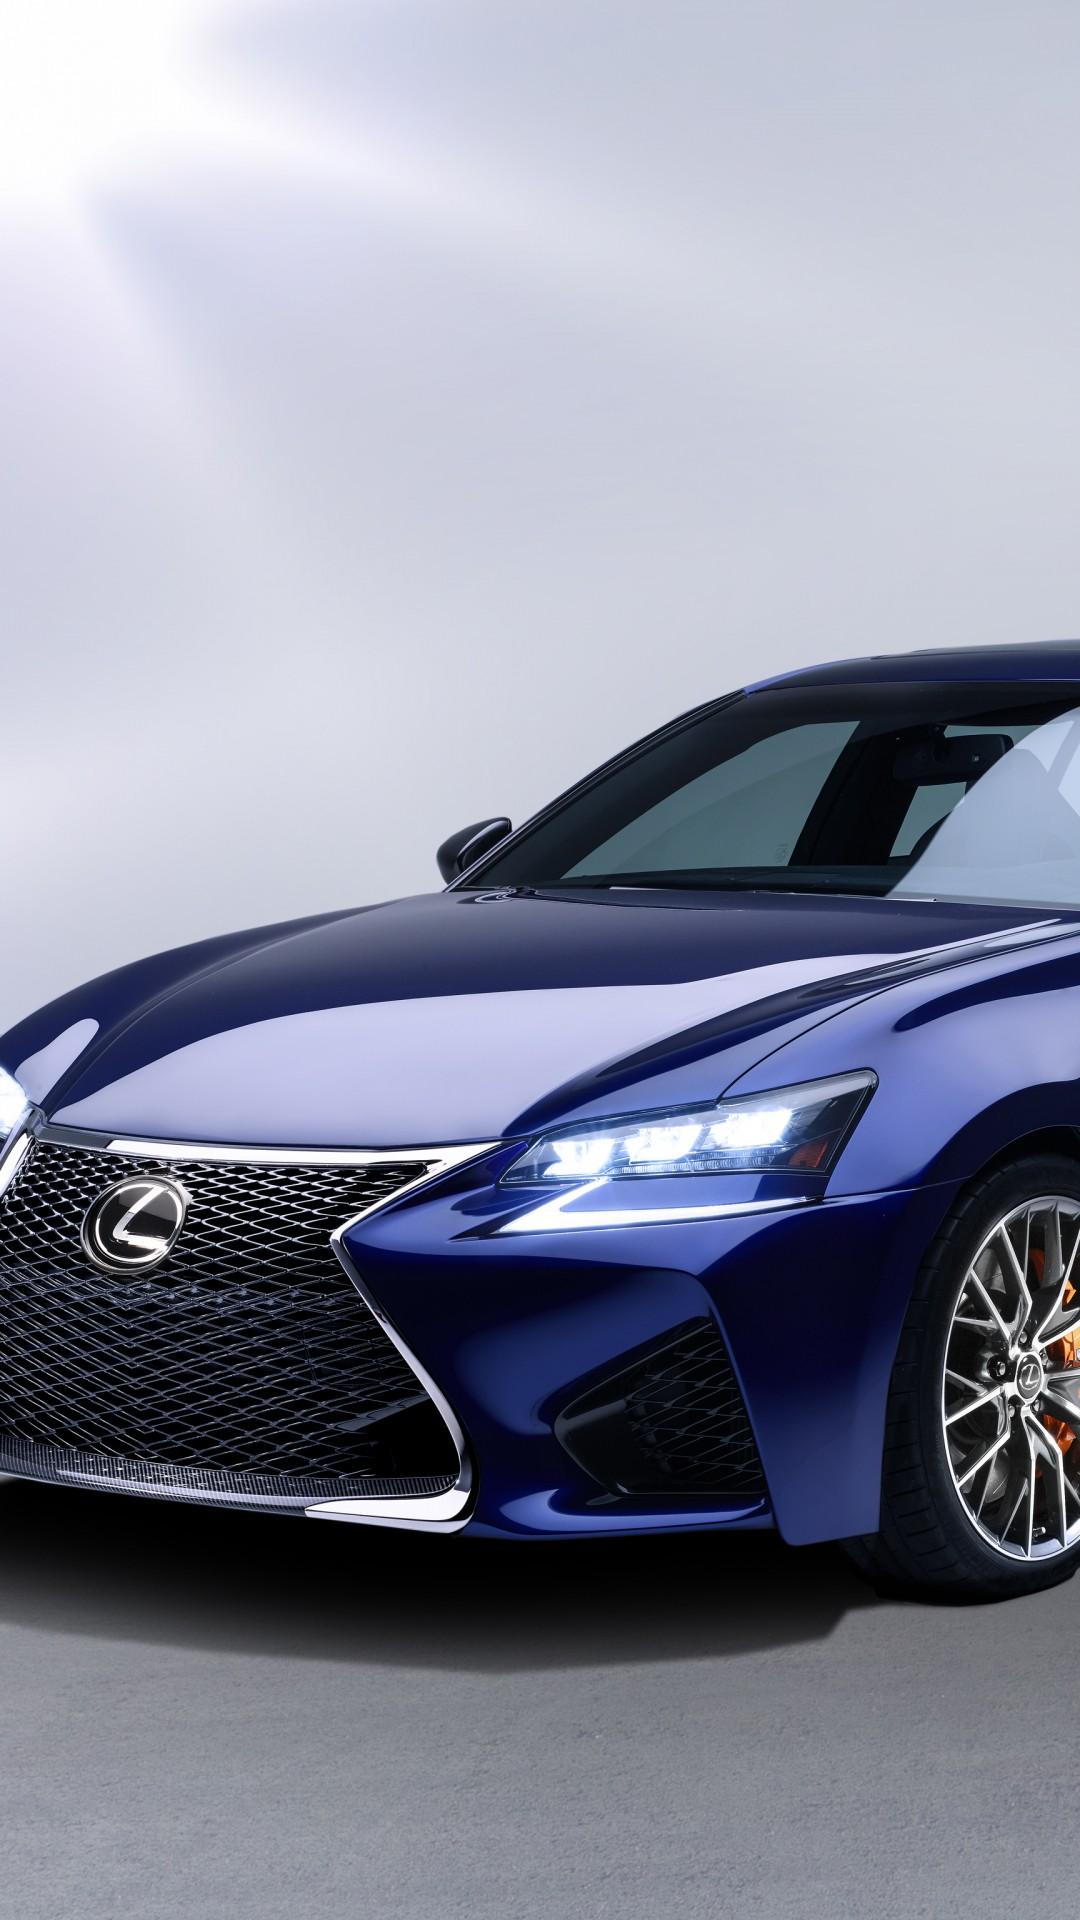 Wallpaper Lexus Gs F Supercar Interior Luxury Cars